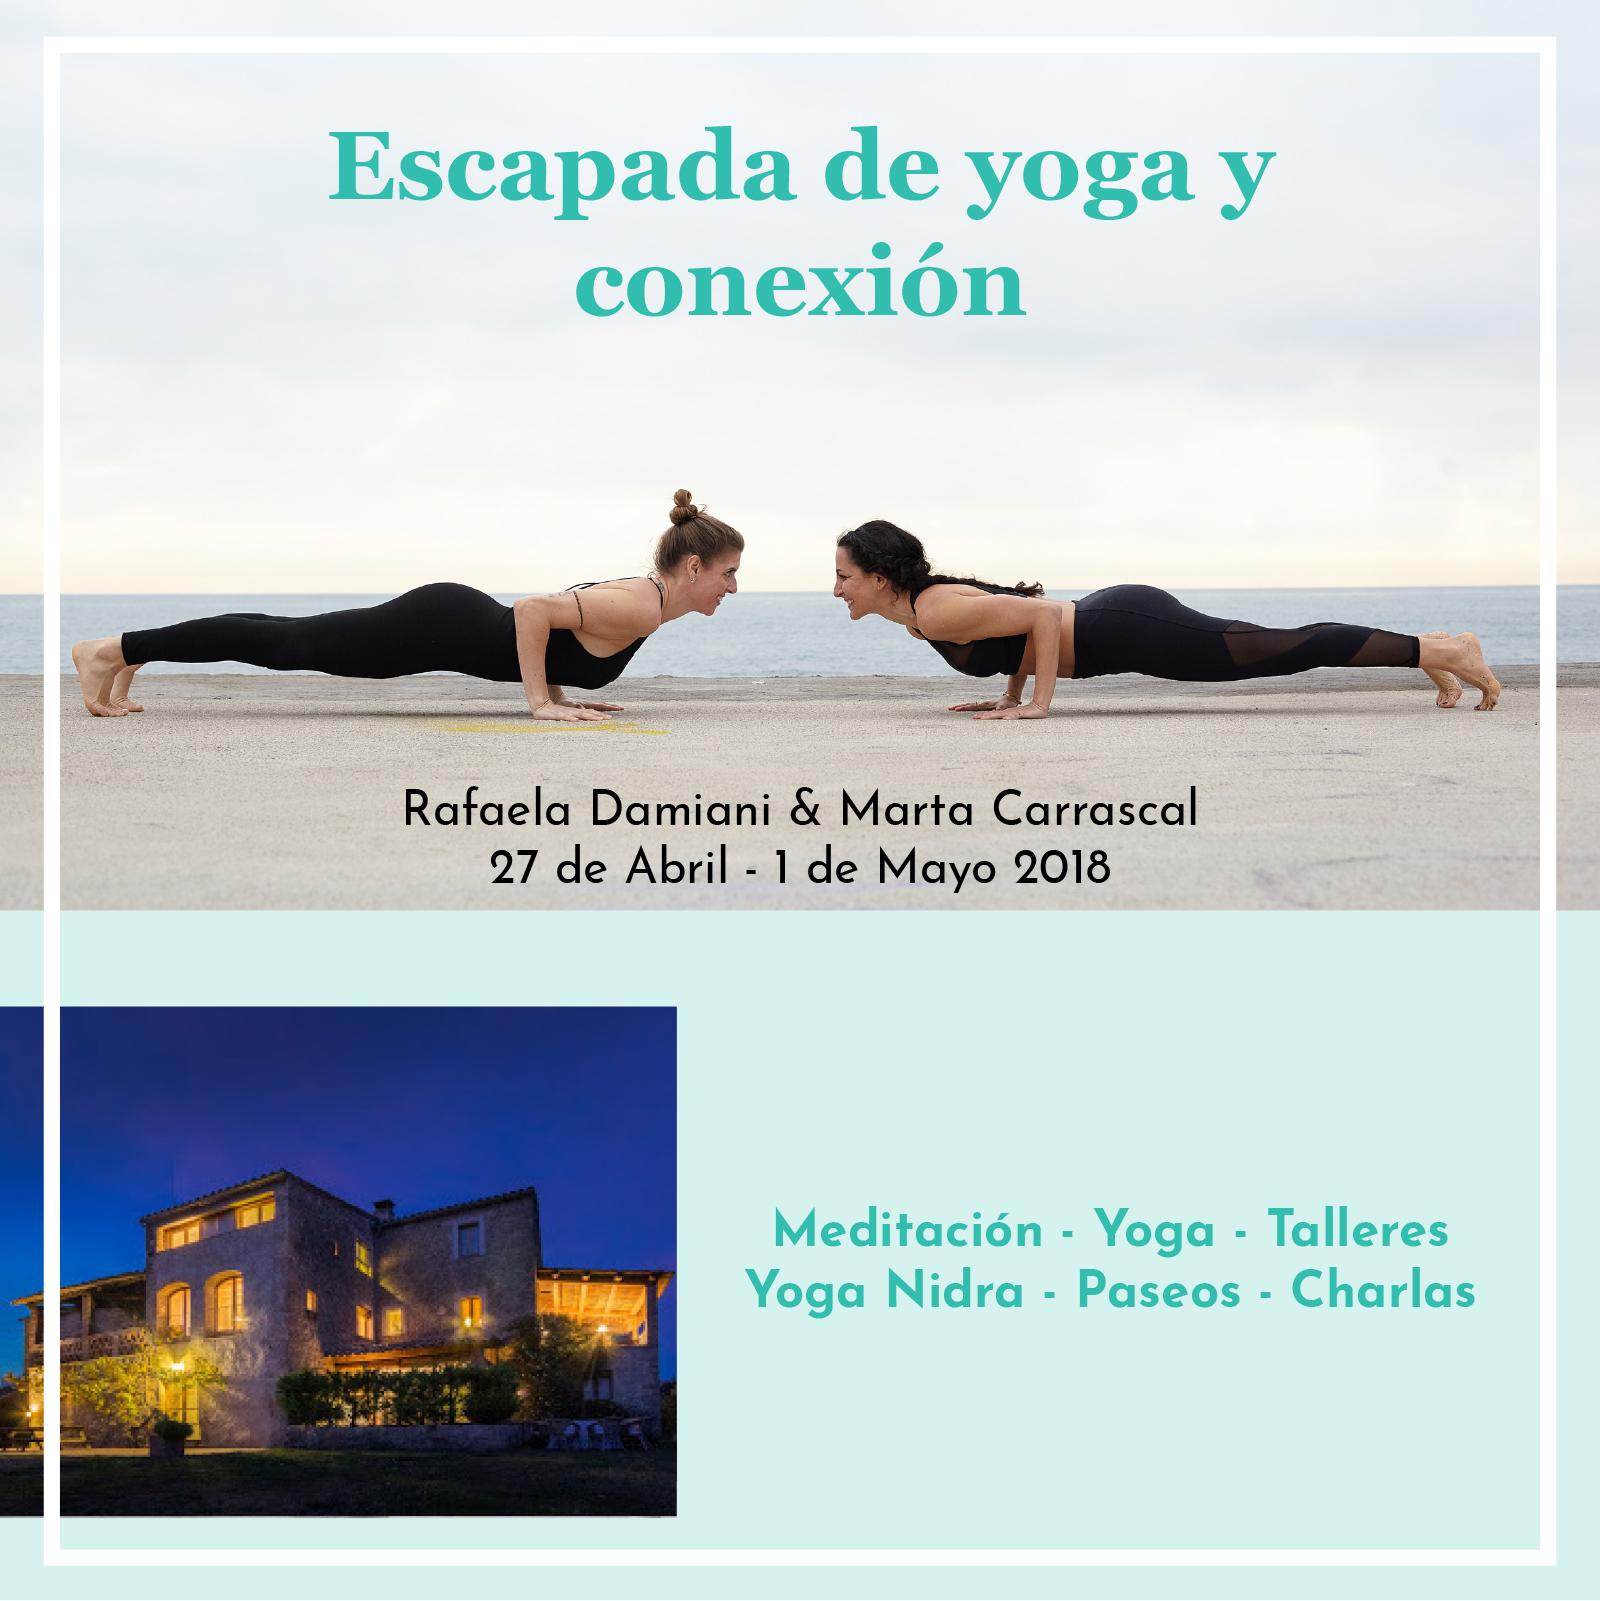 Escapada de yoga y conexión | 27/04 -1/05/2018